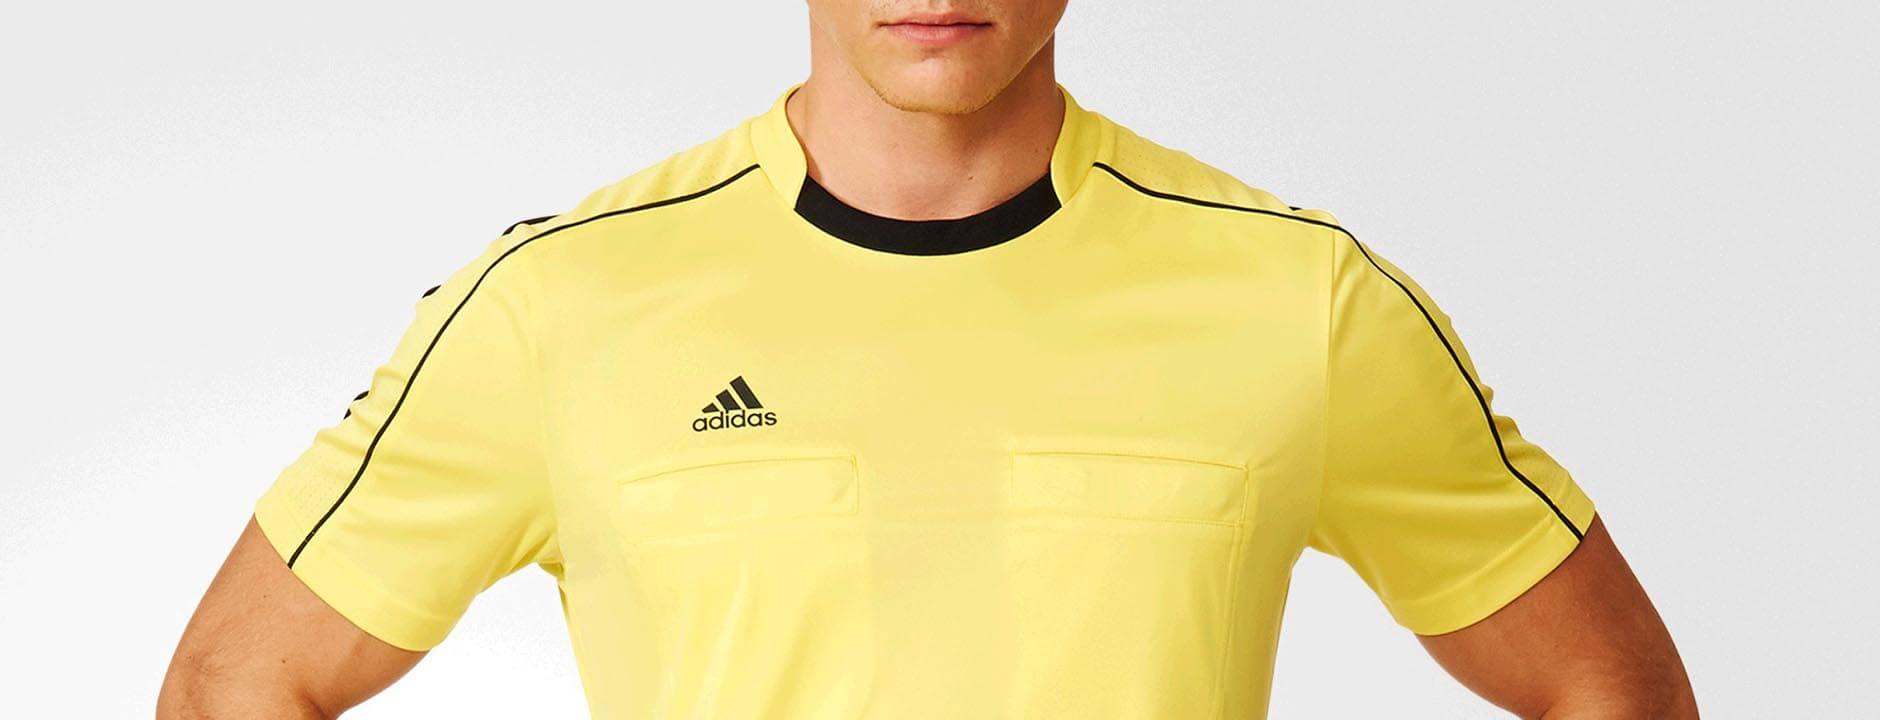 Adidas 2016 Referee